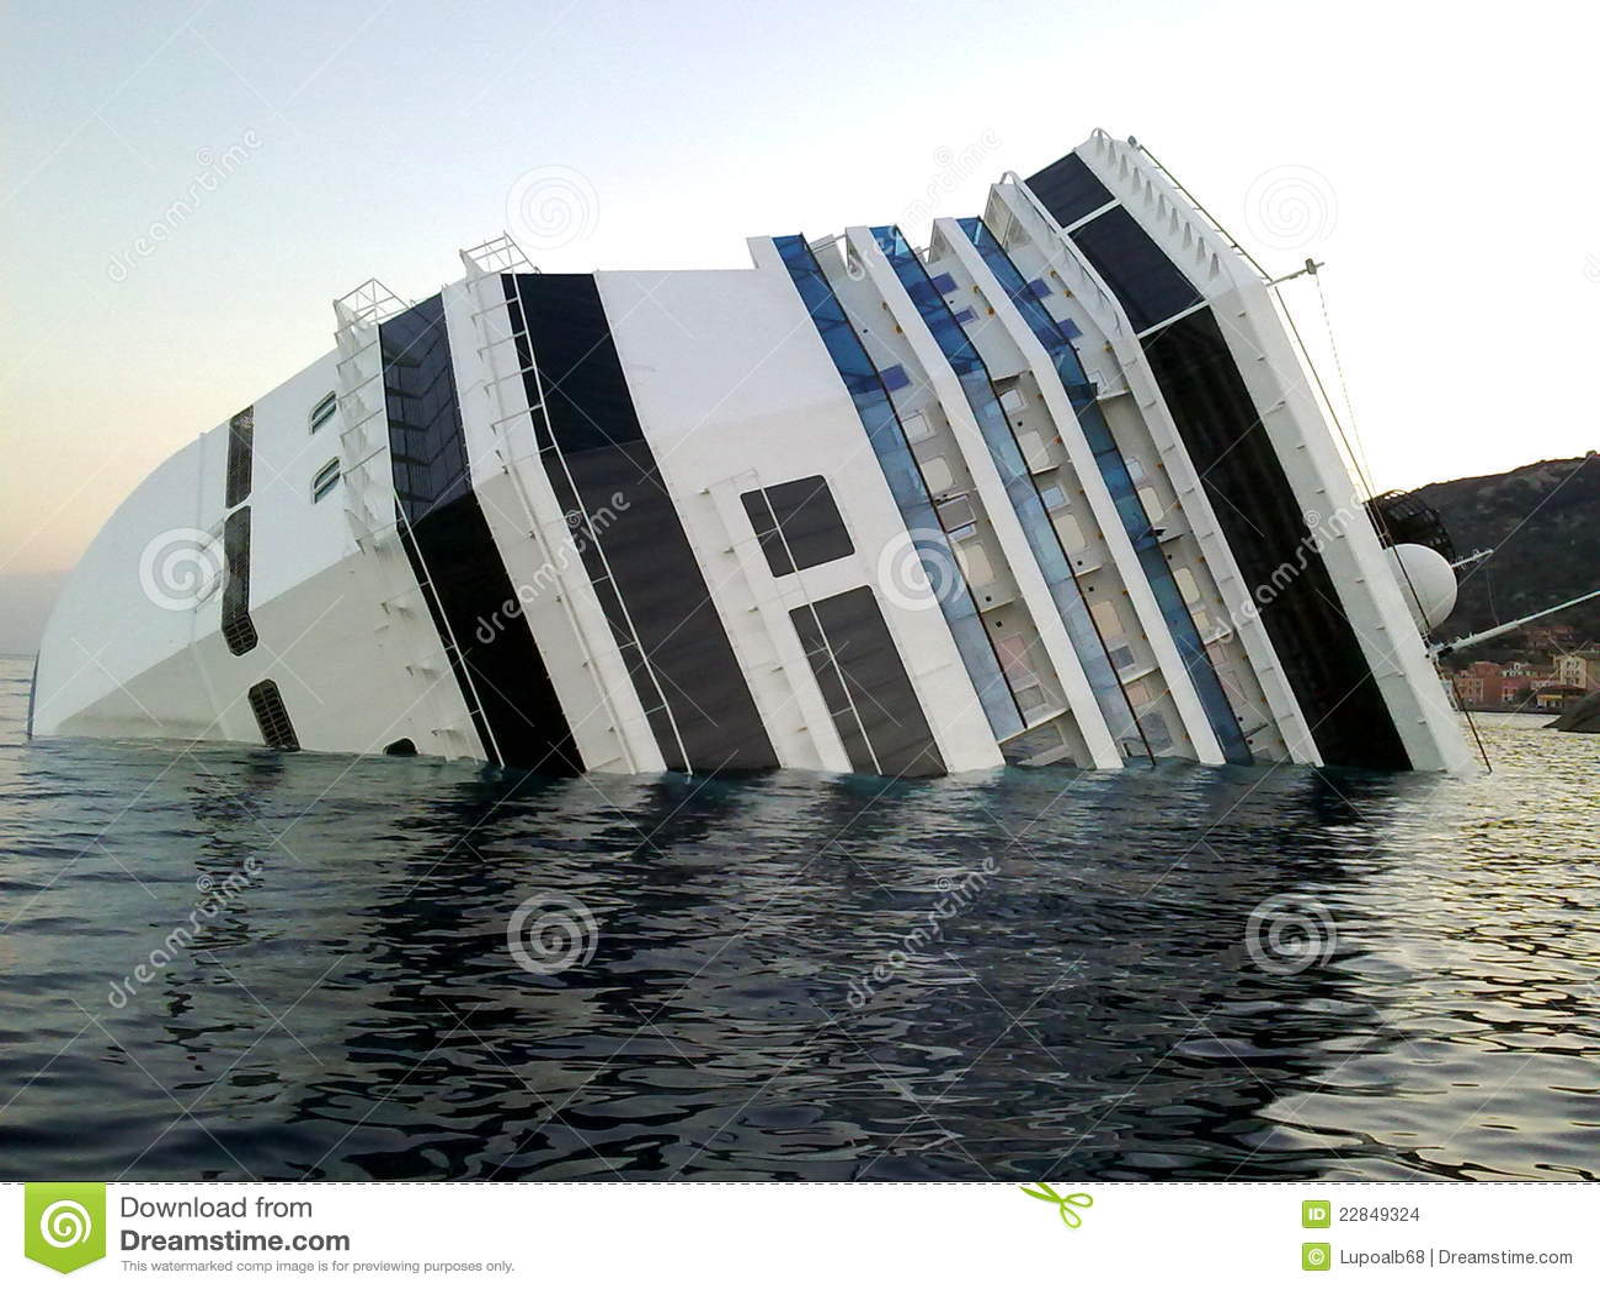 Sinking Cruise Ship Costa Concordia Stock Photos